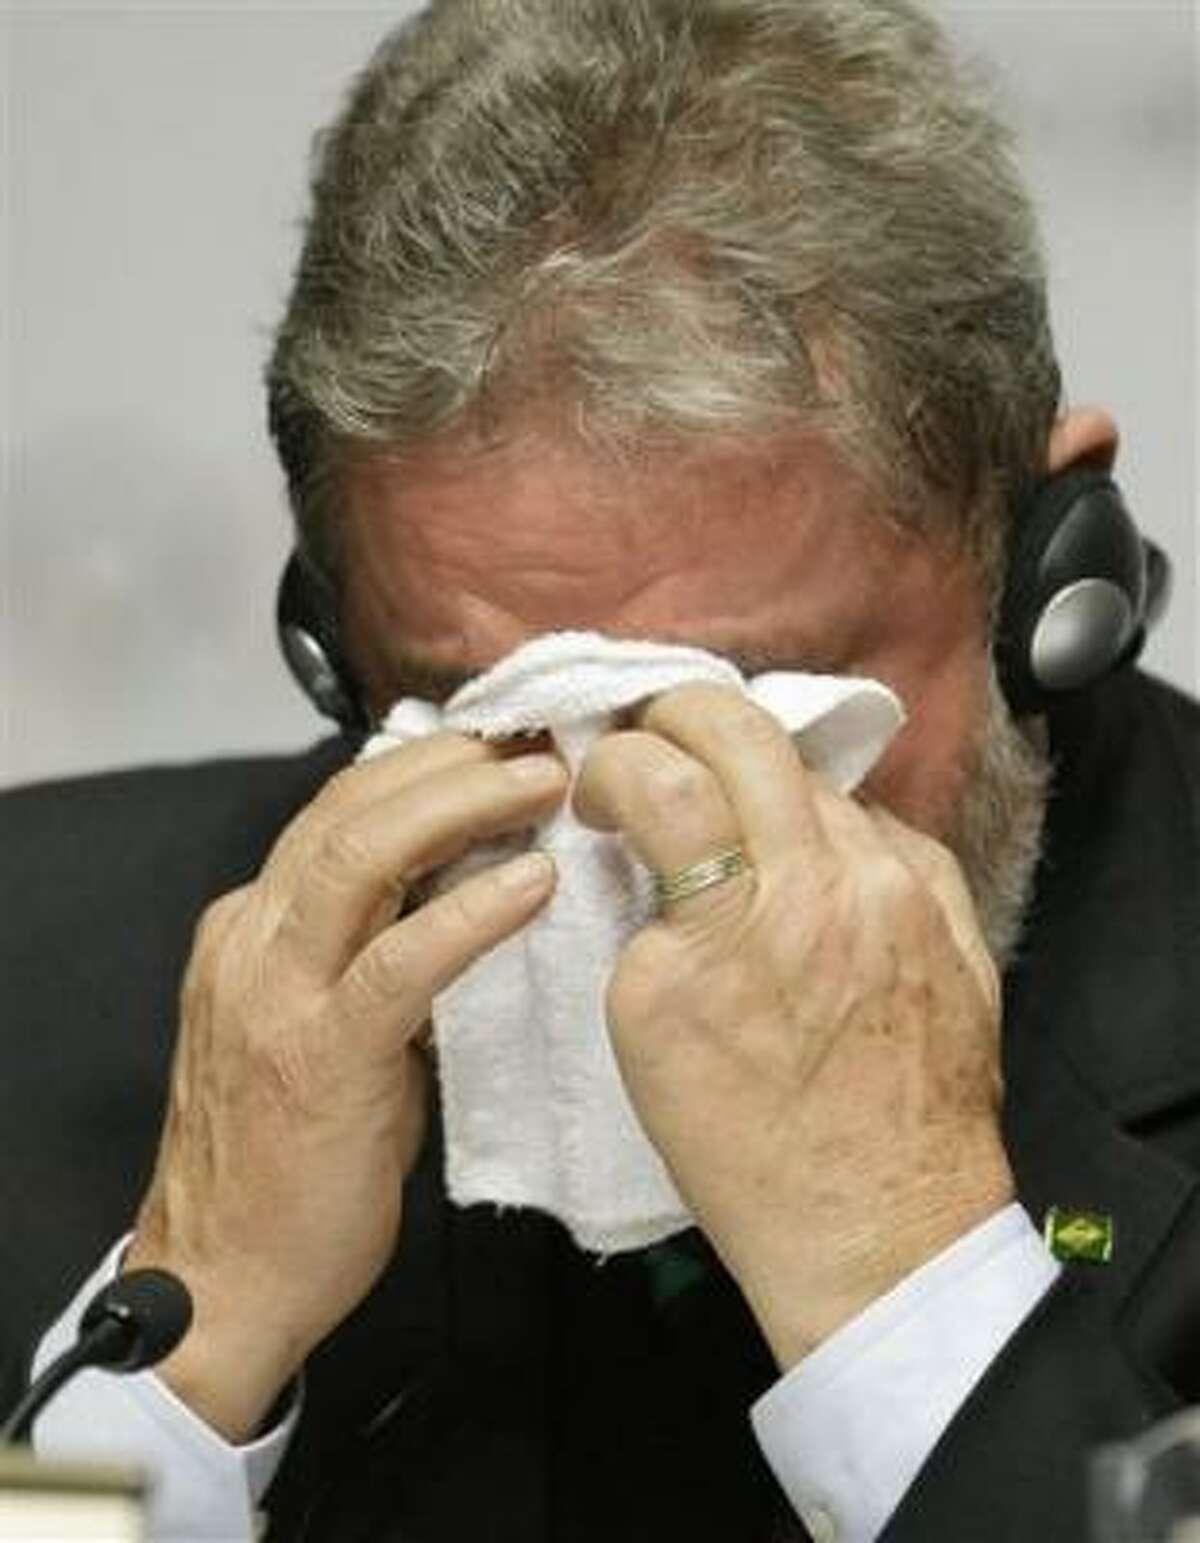 El presidente brasileño Luiz Inacio Lula da Silva llora emocionado en una conferencia de prensa en Copenhague el viernes 2 de octubre del 2009 después que se anunció que Río de Janeiro organizará las olimpíadas del 2016